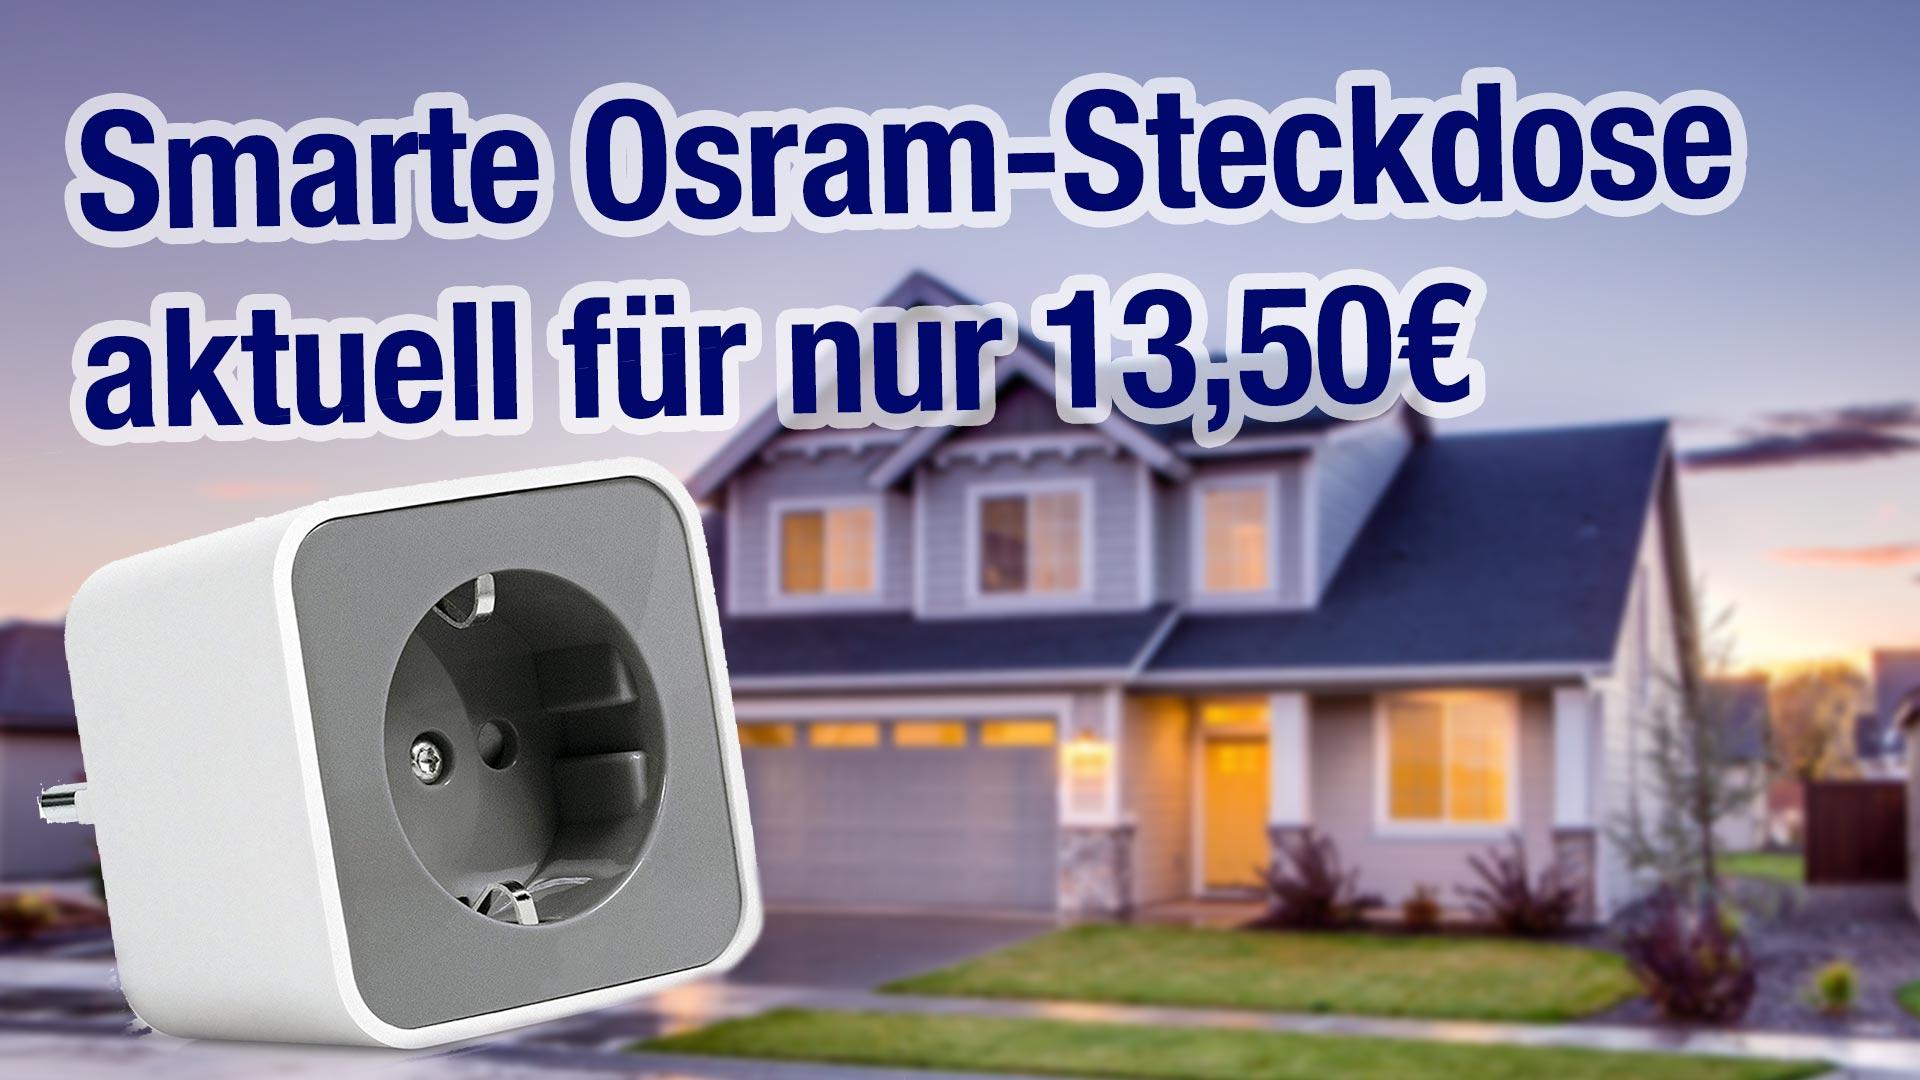 deal smarte osram steckdose f r 13 50 philips hue echo plus kompatibel aftvhacks. Black Bedroom Furniture Sets. Home Design Ideas